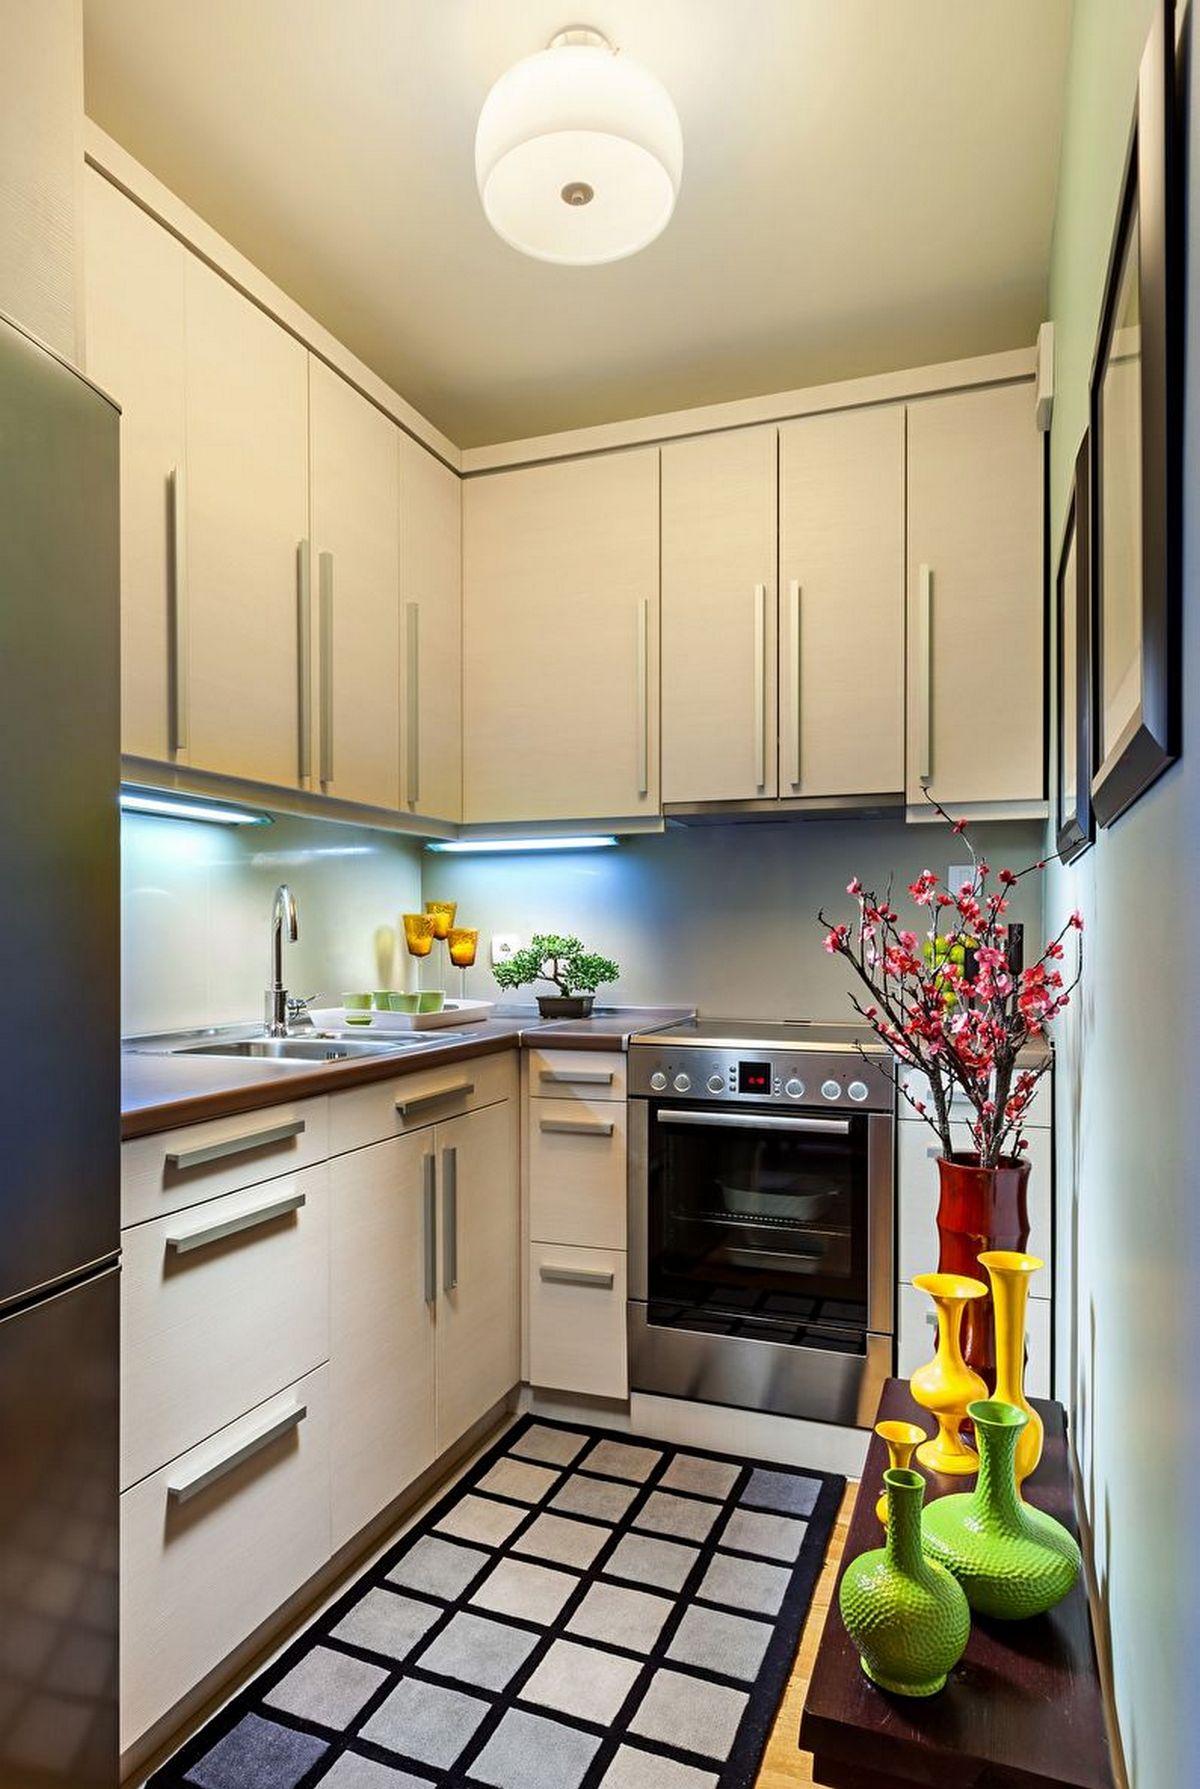 дизайн современной кухни 6 кв м на фото